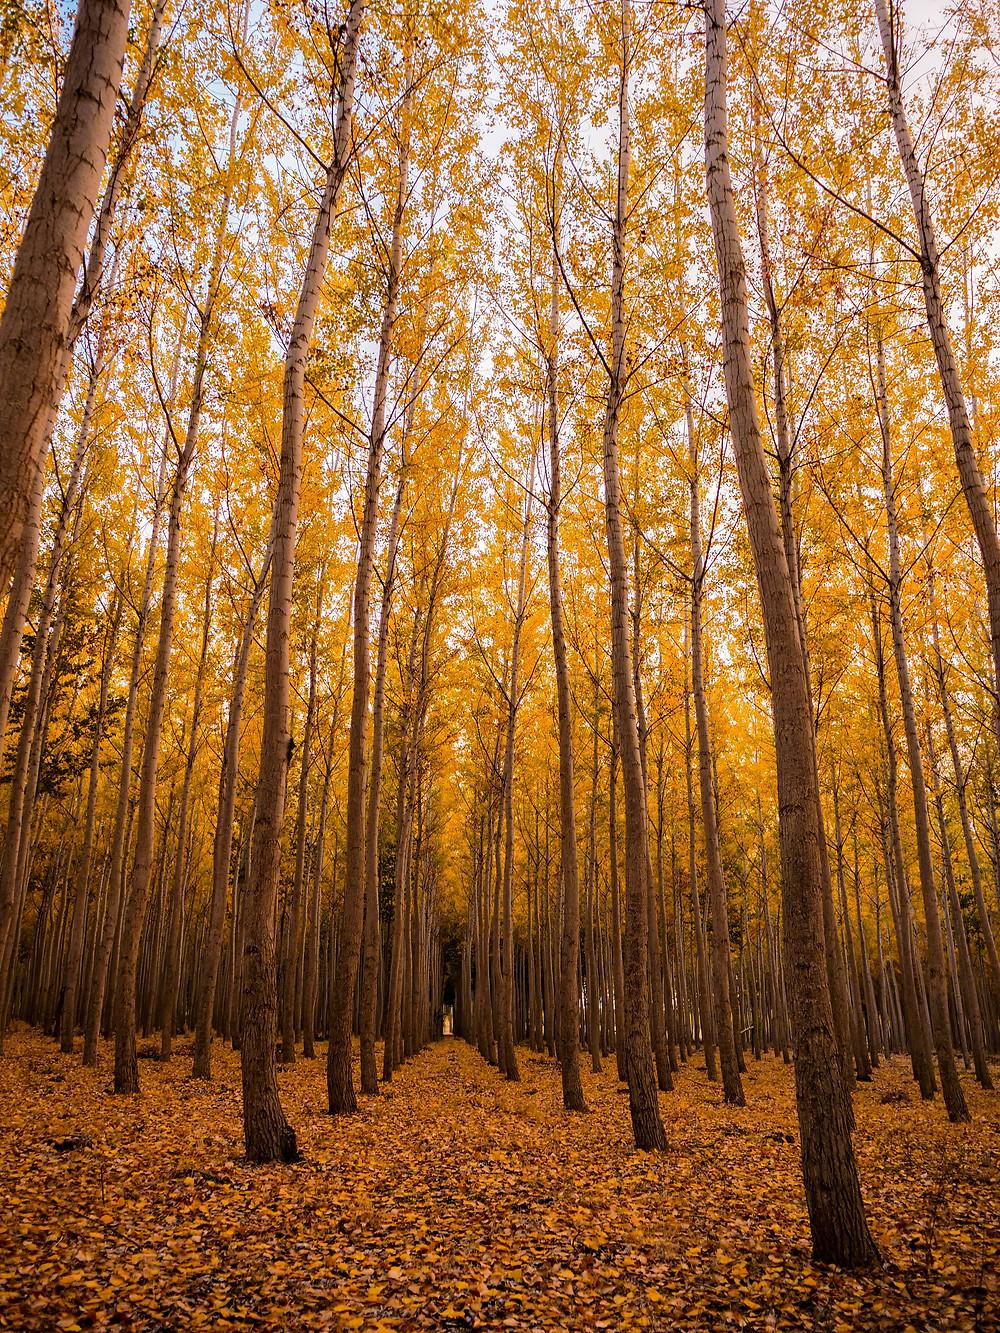 Autumnal trees at Boardman Tree Farm